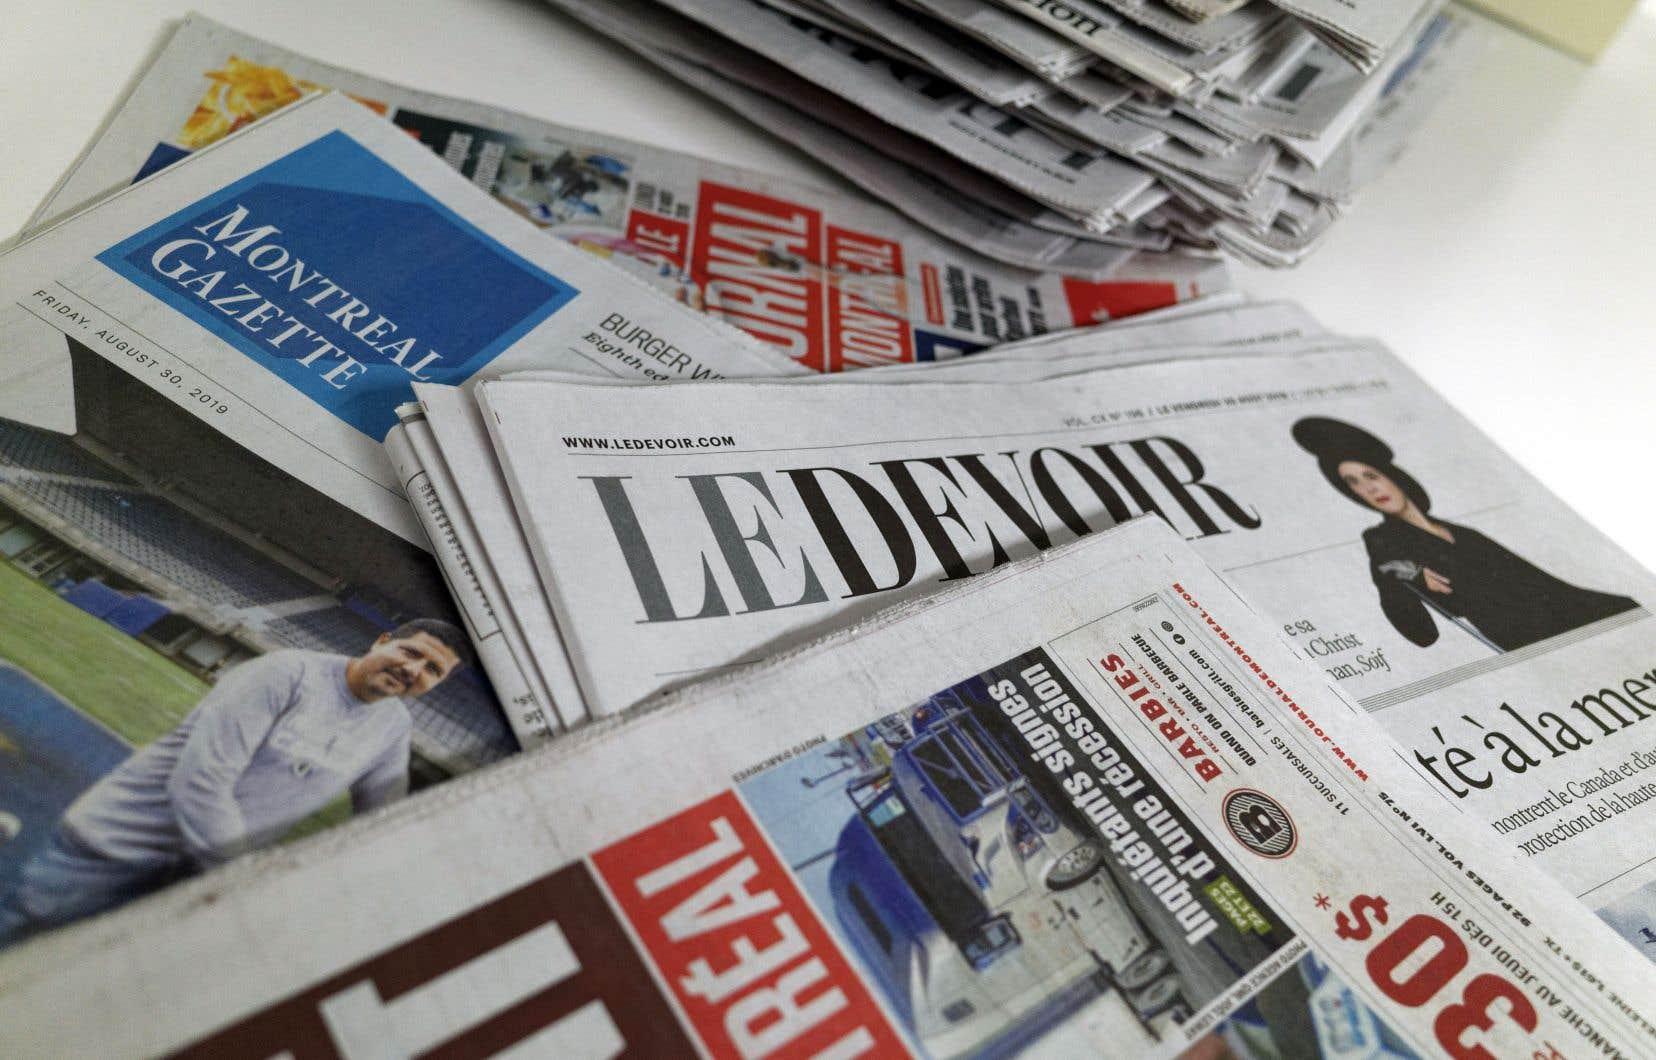 Les entreprises de presse écrite pourront bénéficier d'un crédit d'impôt remboursable équivalent à 35 % des salaires qu'elles auront engagés à compter du 1er janvier 2019 à l'égard de certains types d'employés.